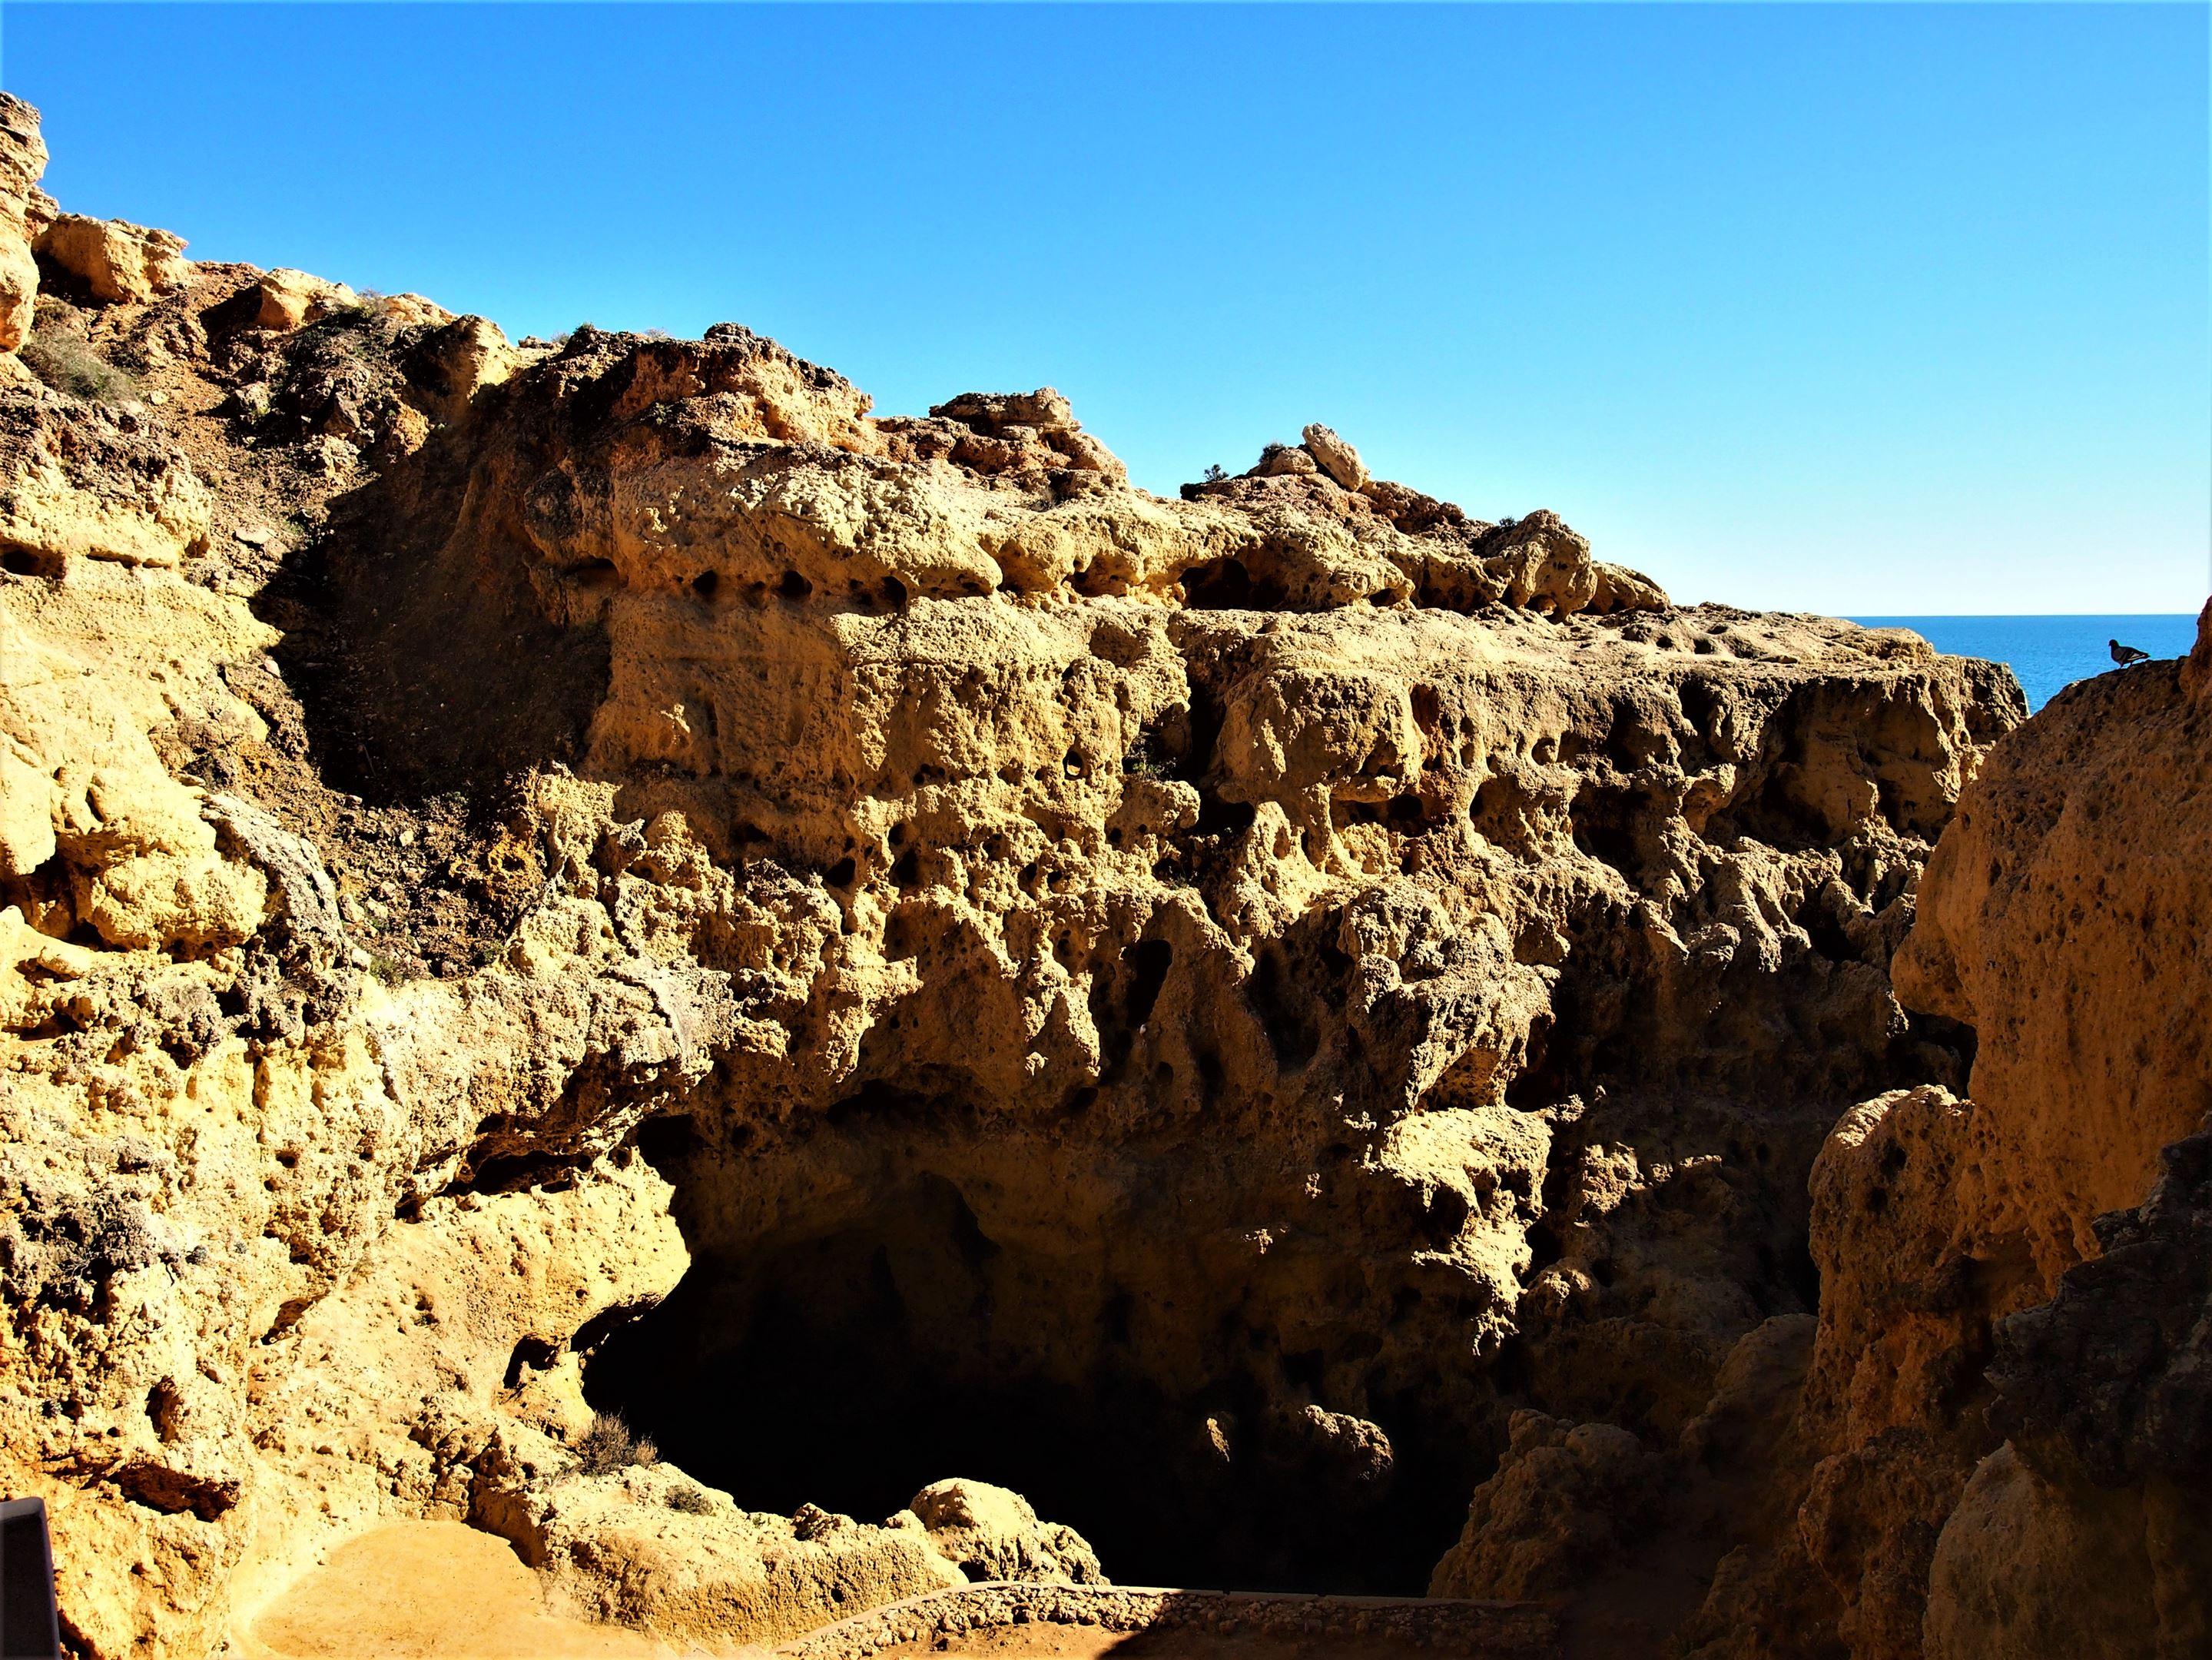 Algar Seco, Carvoeiro - No topo, antes de descer pelos degraus rochosos